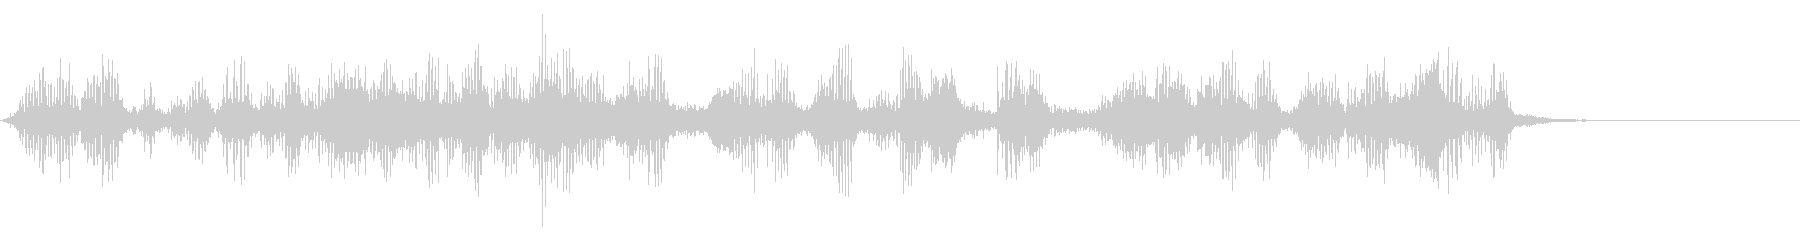 【生録音】フラミンゴの鳴き声 36の未再生の波形